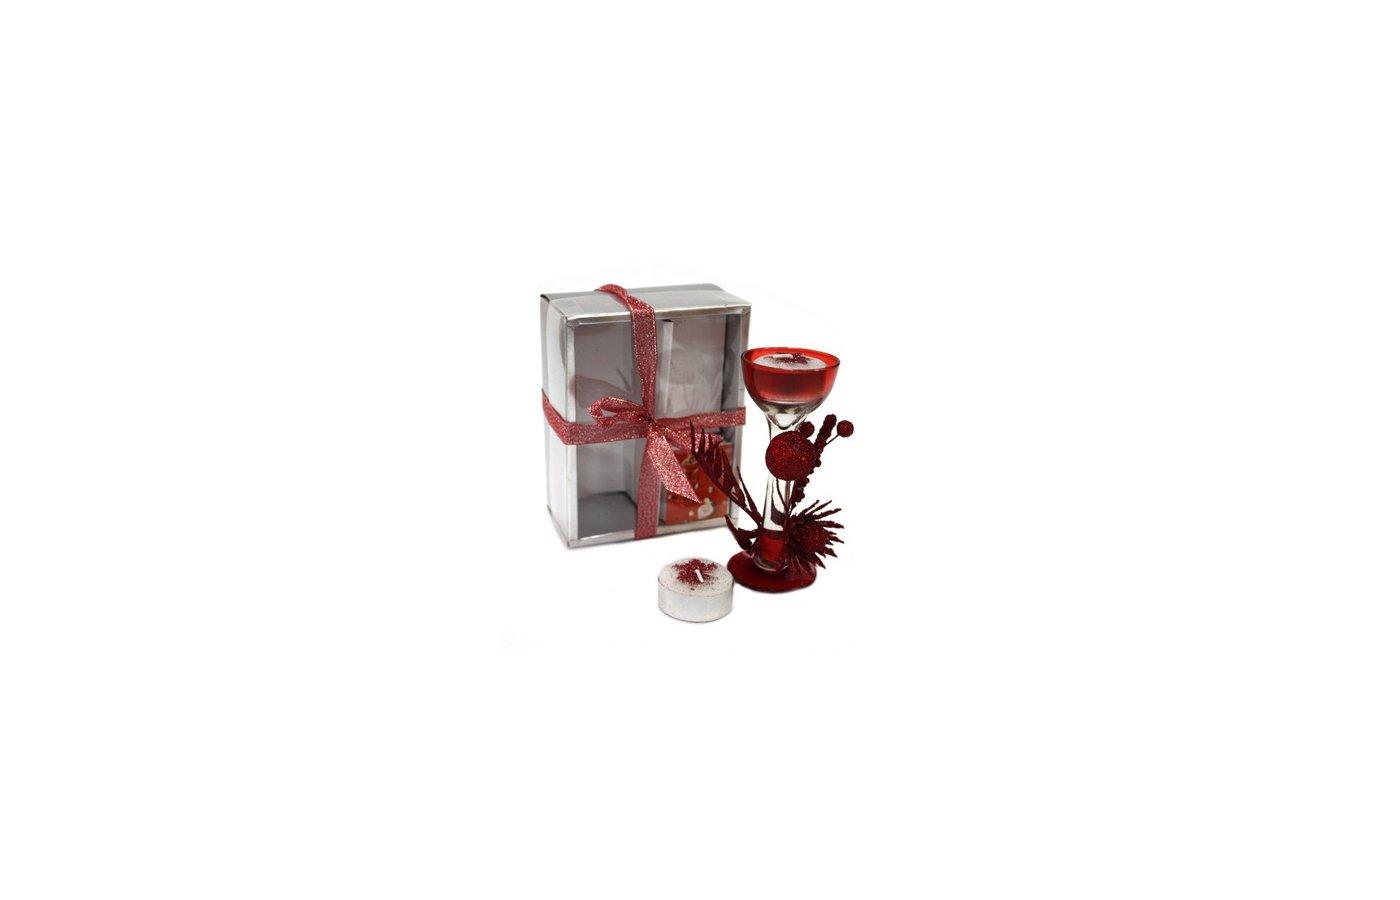 Игрушка Подарочный набор Сноу Бум подсвеч-к фужер 2 чайн свечи 13х10 см 1110GSS282-W 396-261